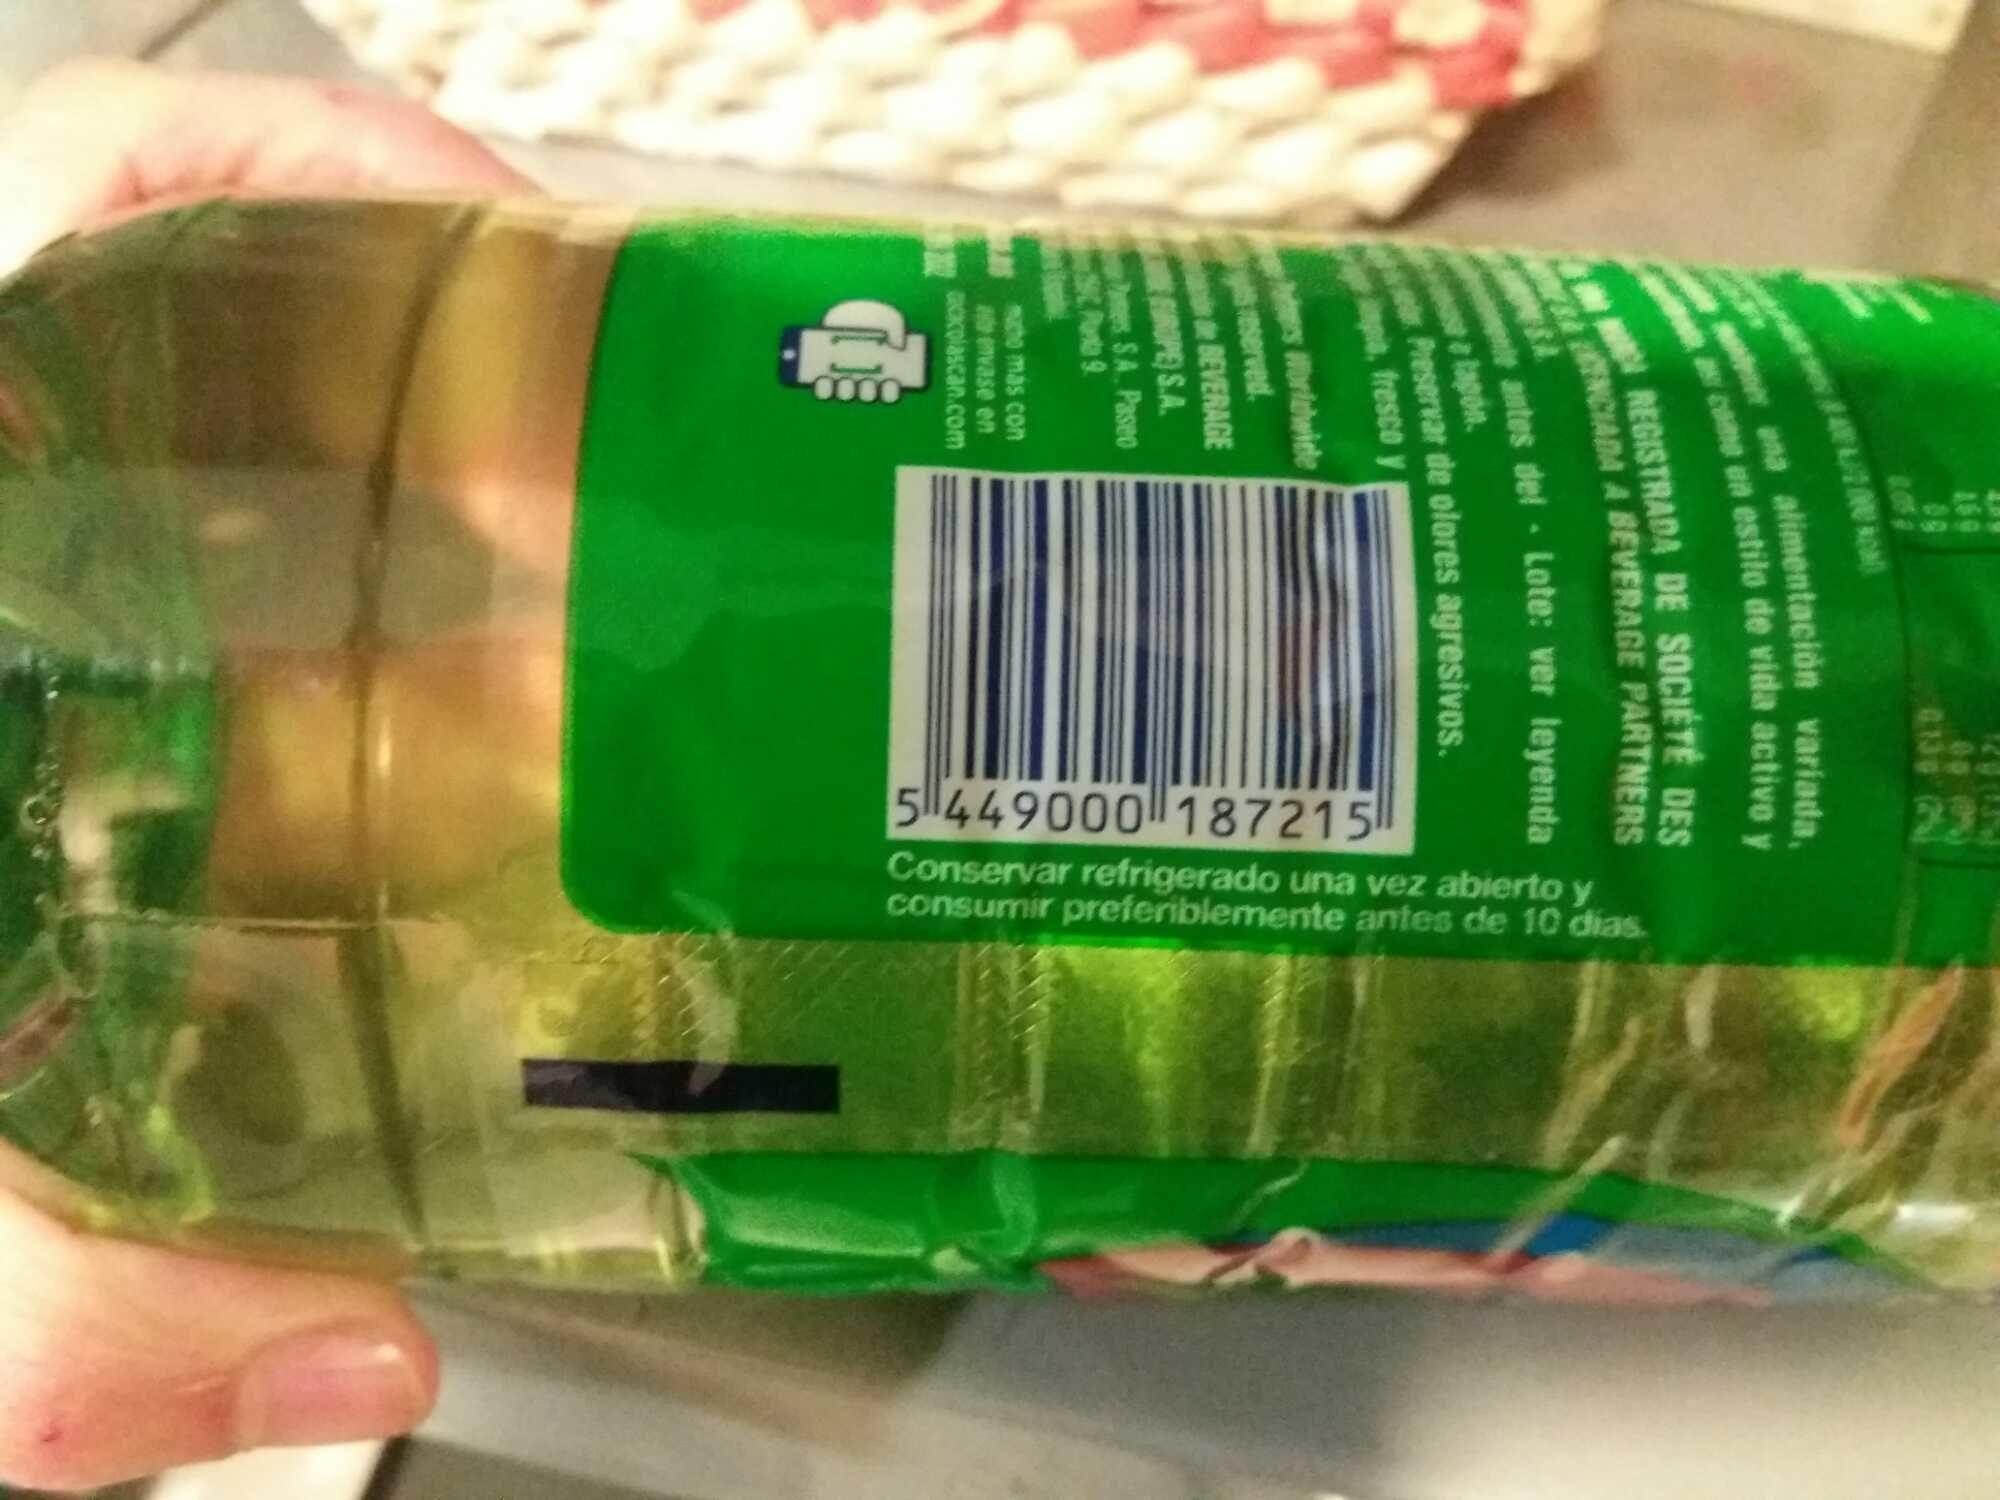 Bebida Refrescante De Extractos. Con Azúcar Y Edulcorante. - Product - es